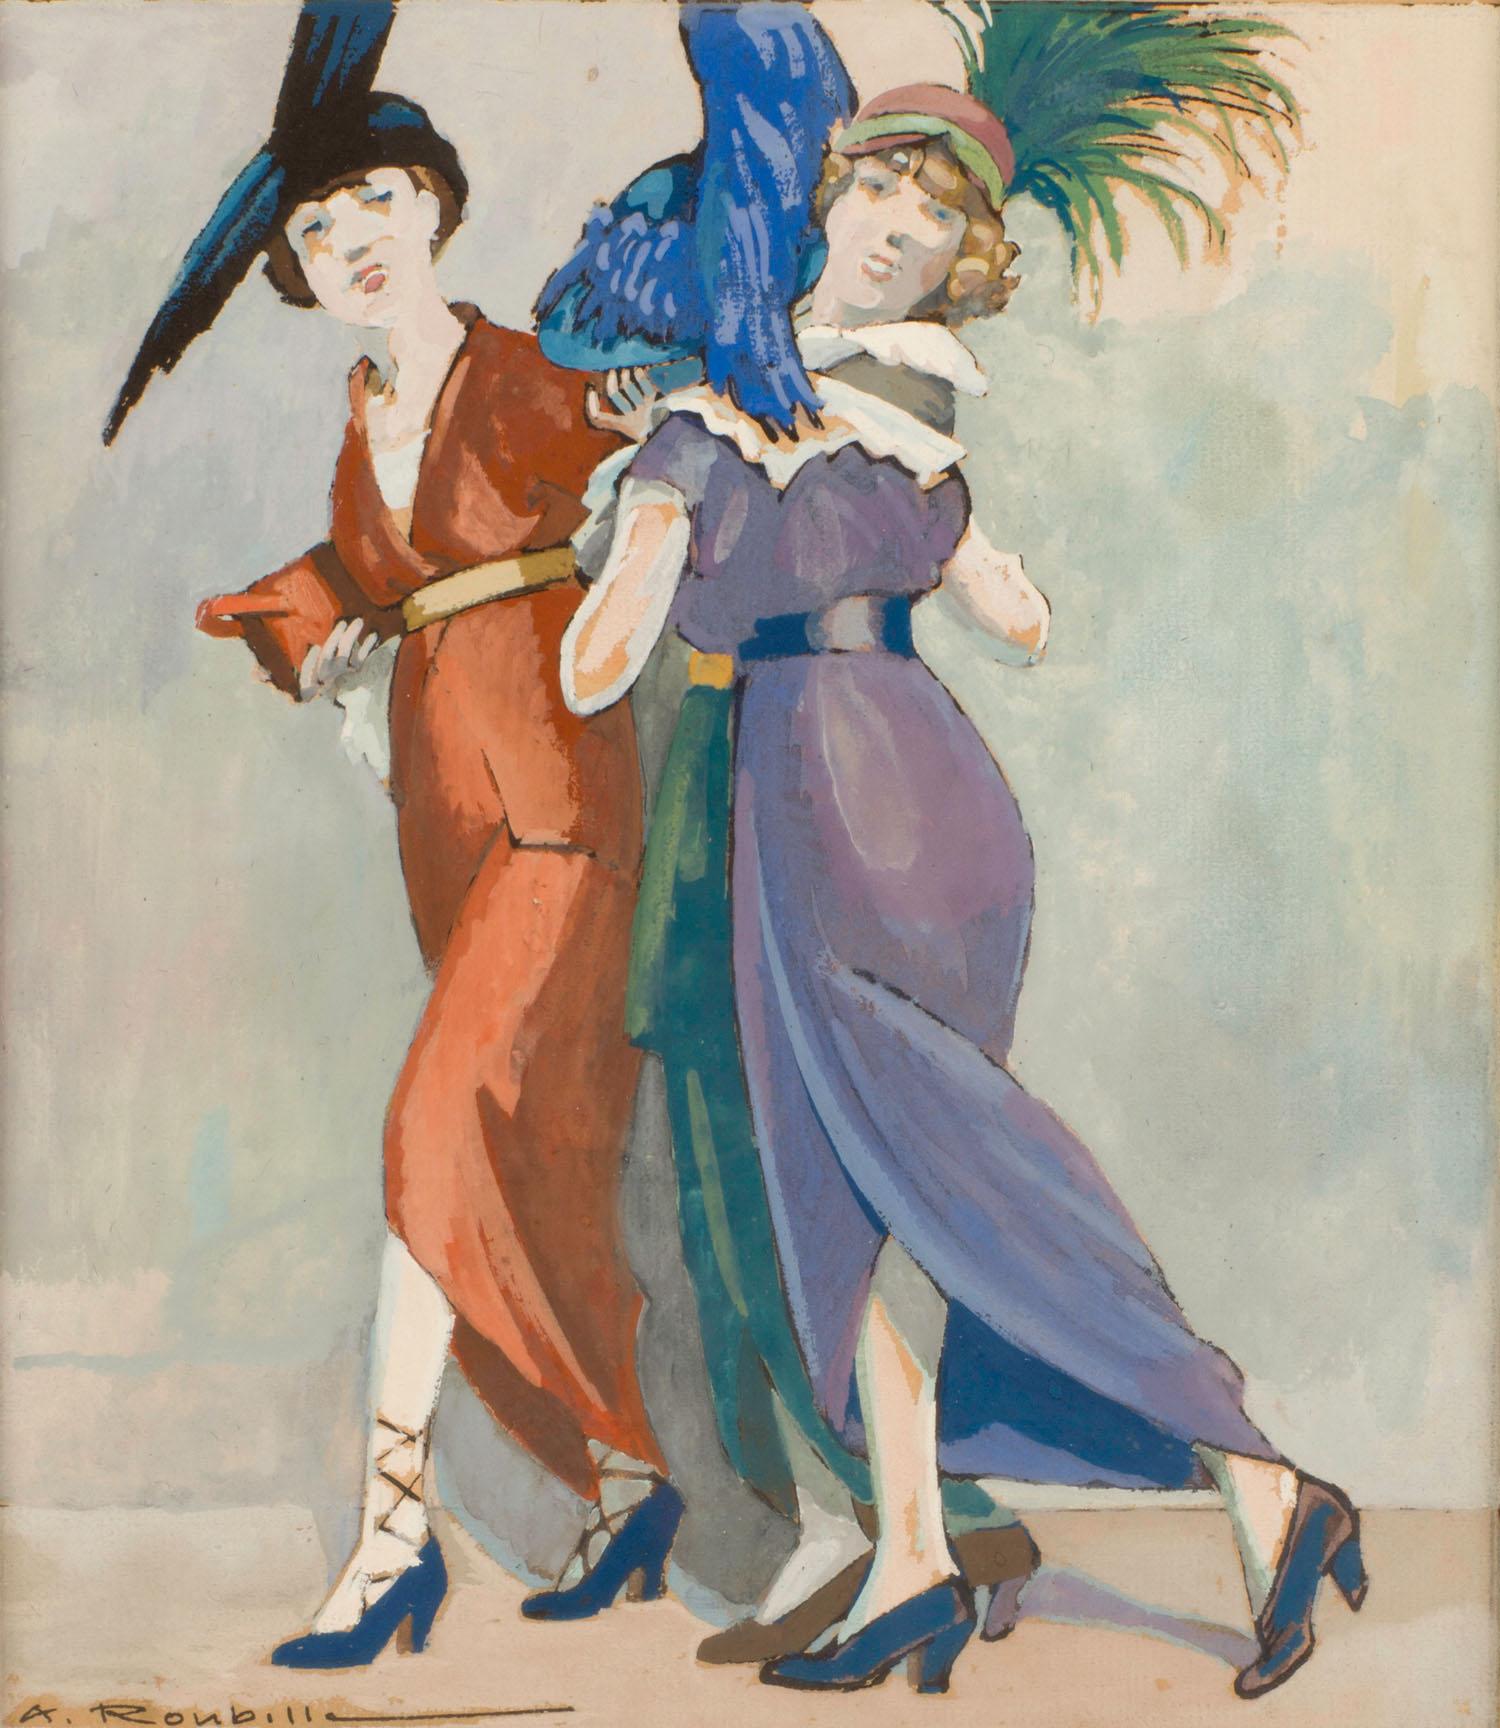 Auguste Roubille | Auguste Roubille | 3 élégantes aux chapeaux